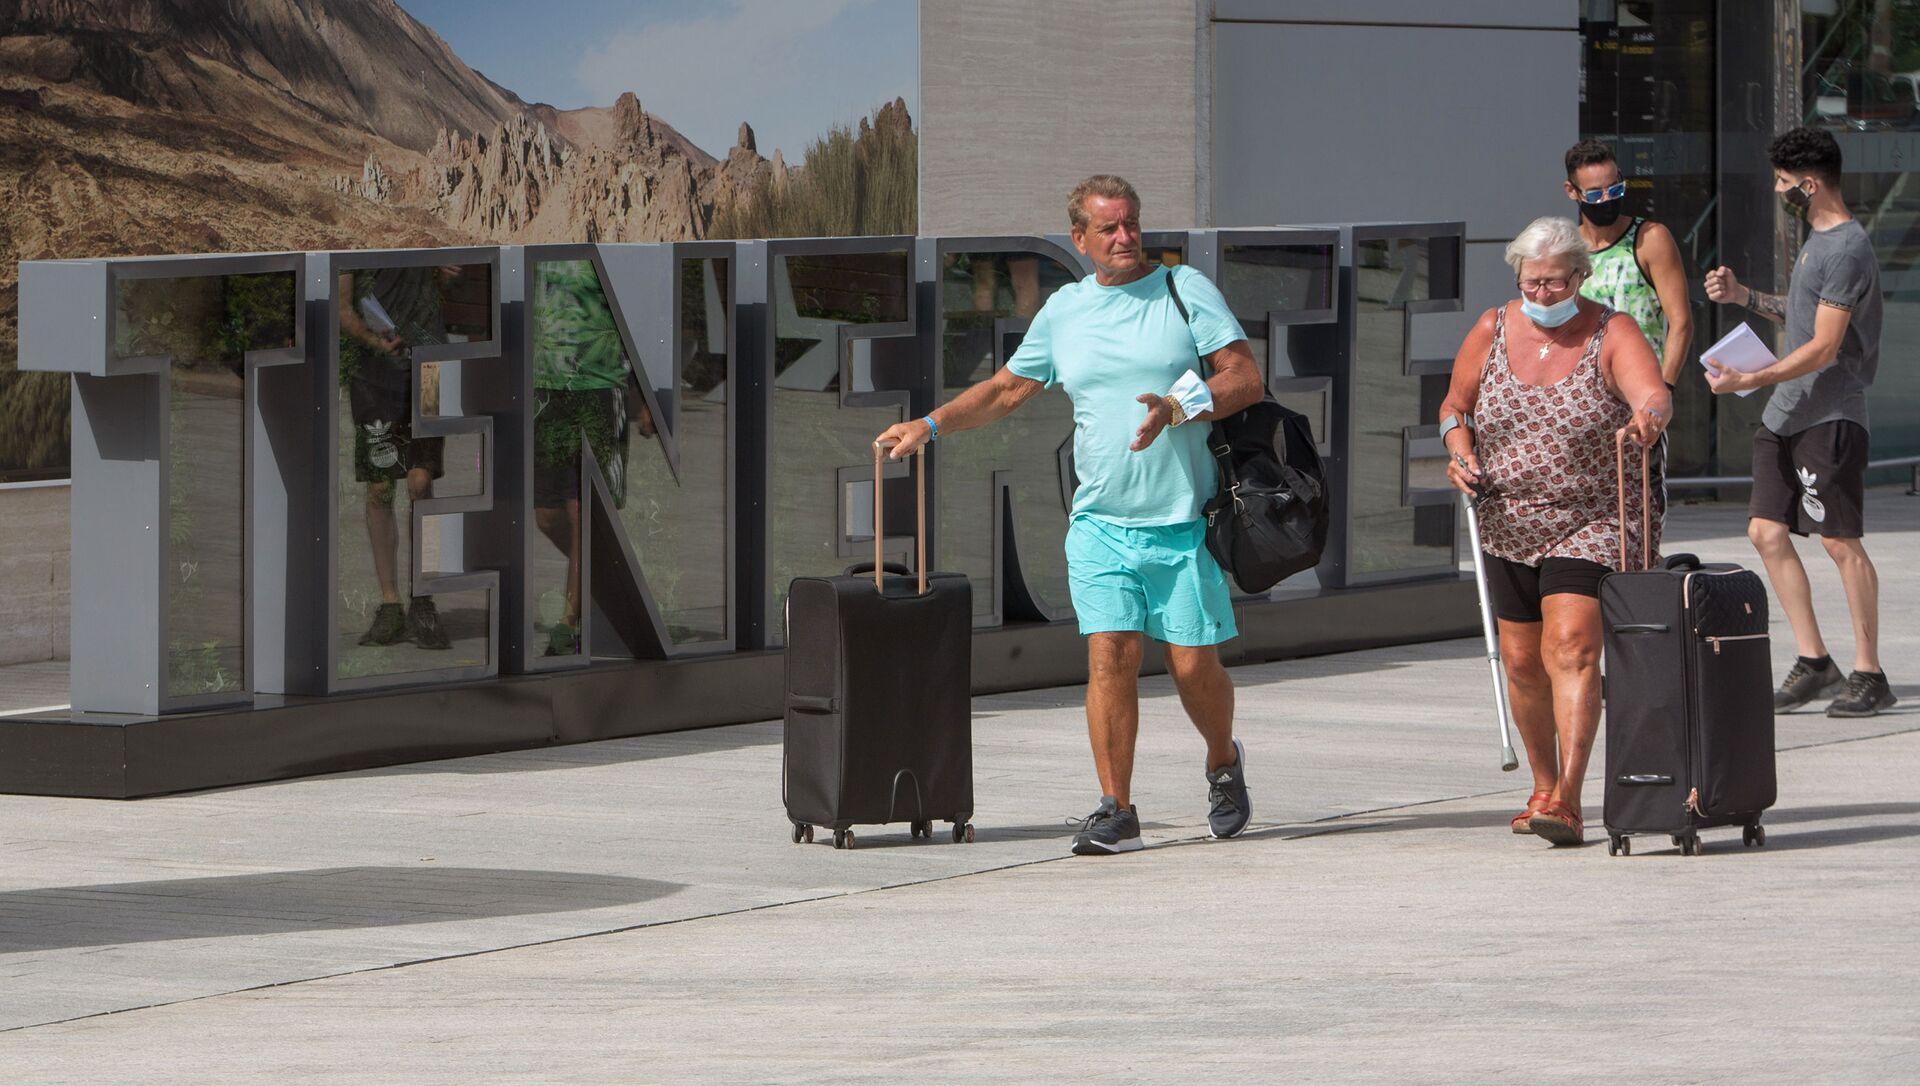 Turistas británicos llegan al Aeropuerto Internacional Reina Sofía en Tenerife. 28 de julio de 2020. - Sputnik Mundo, 1920, 11.12.2020